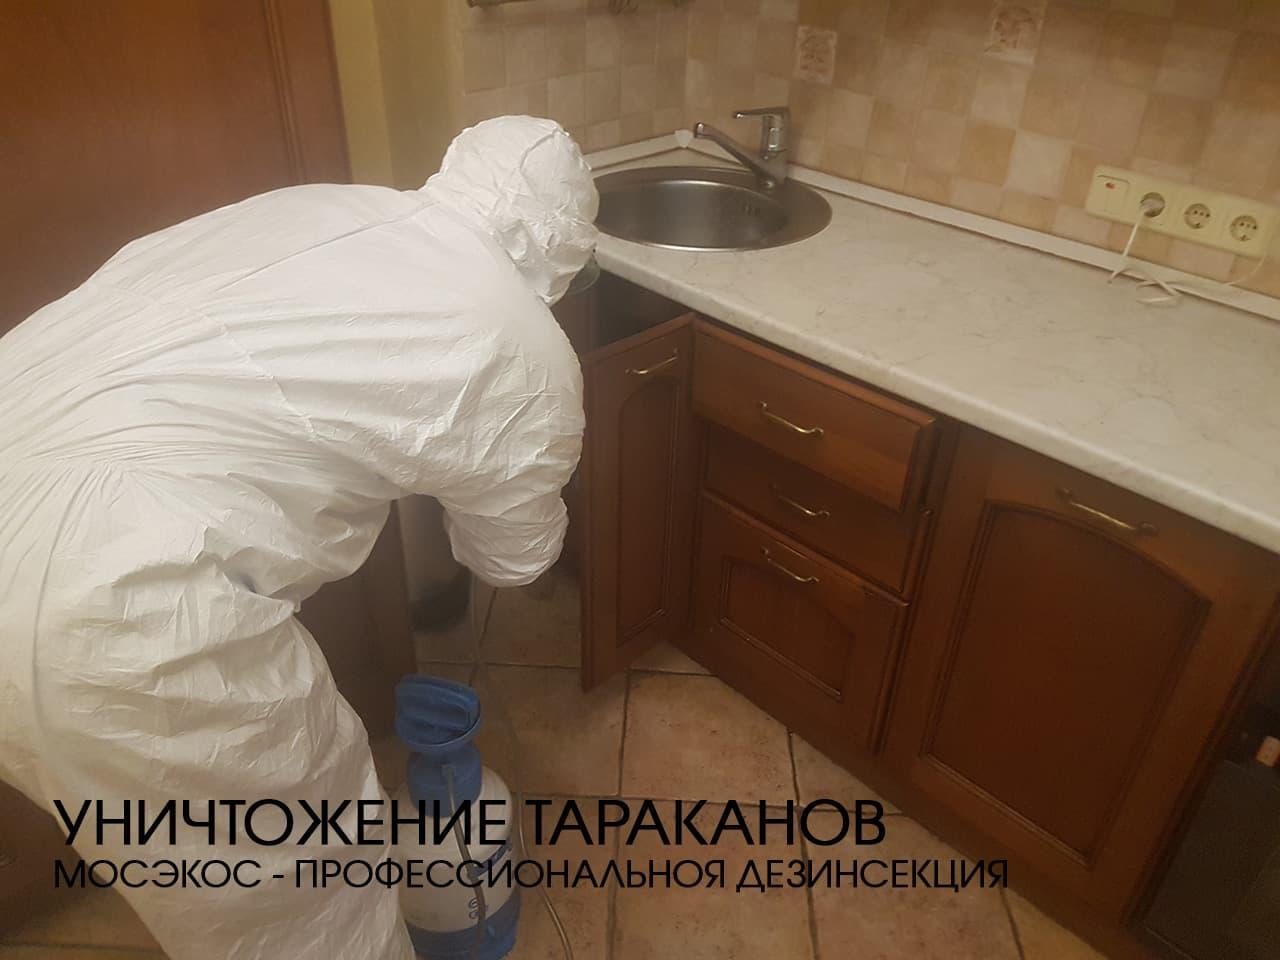 Дезинсекция тараканов профессиональная помощь организациям и предприятиям